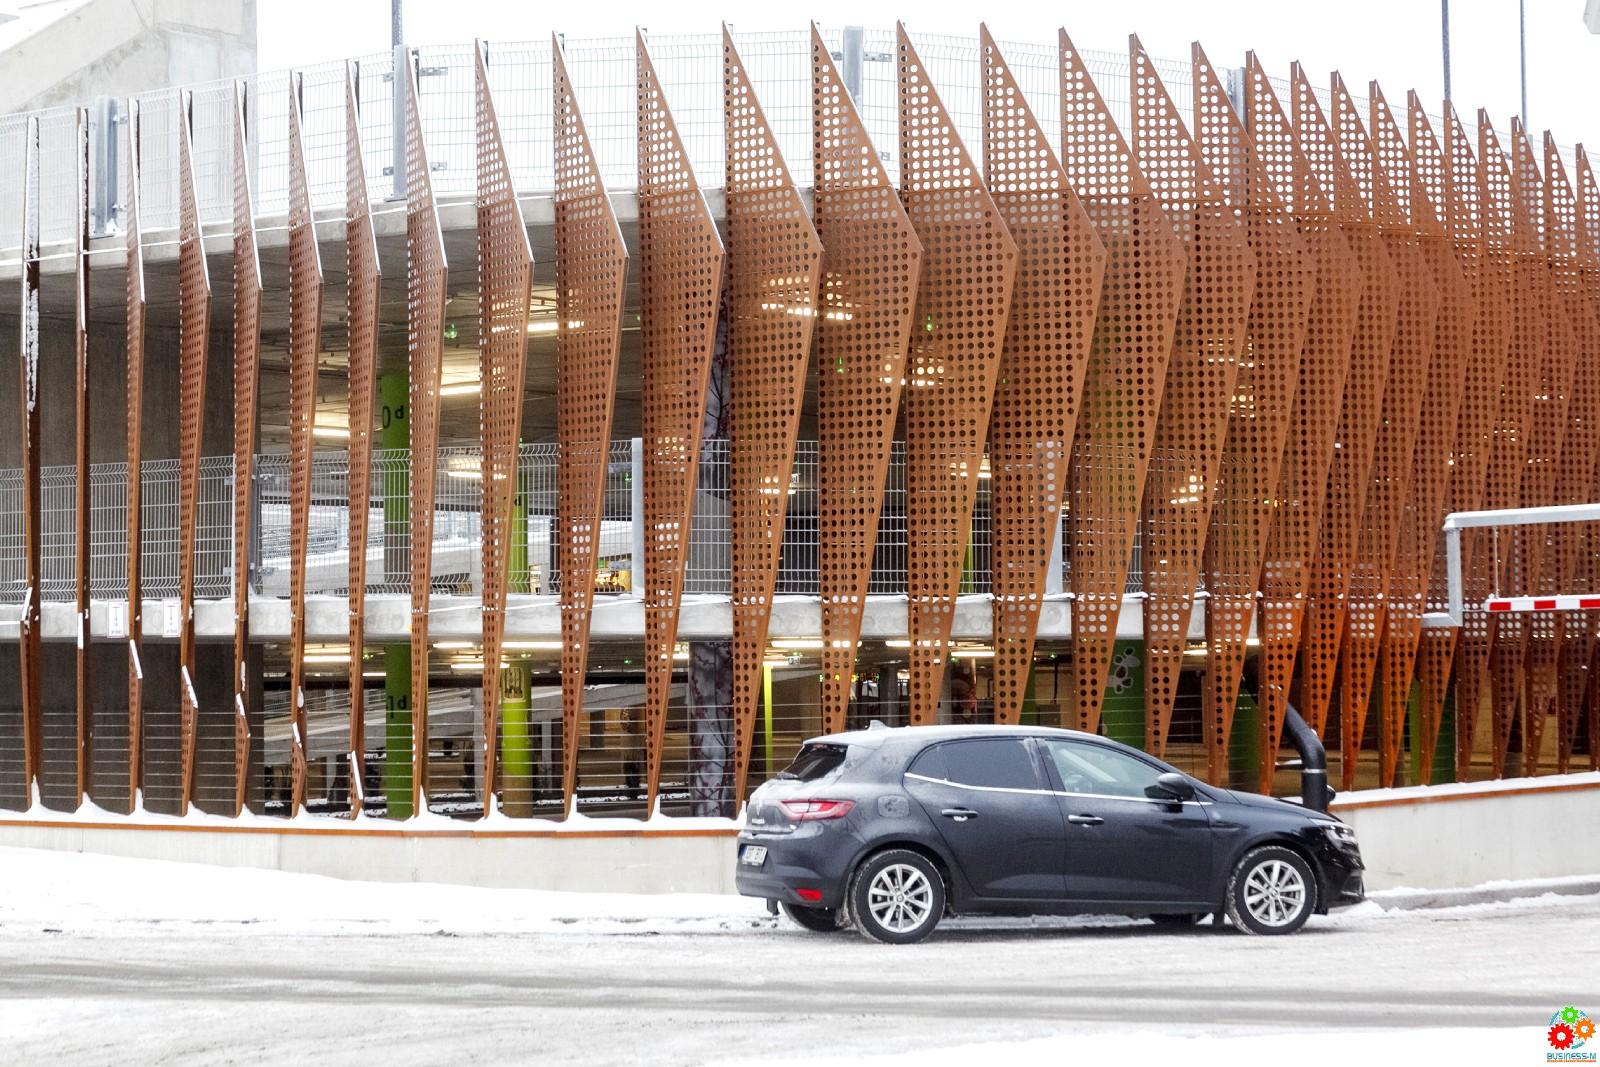 В Таллинне открылся уникальный парковочный дом